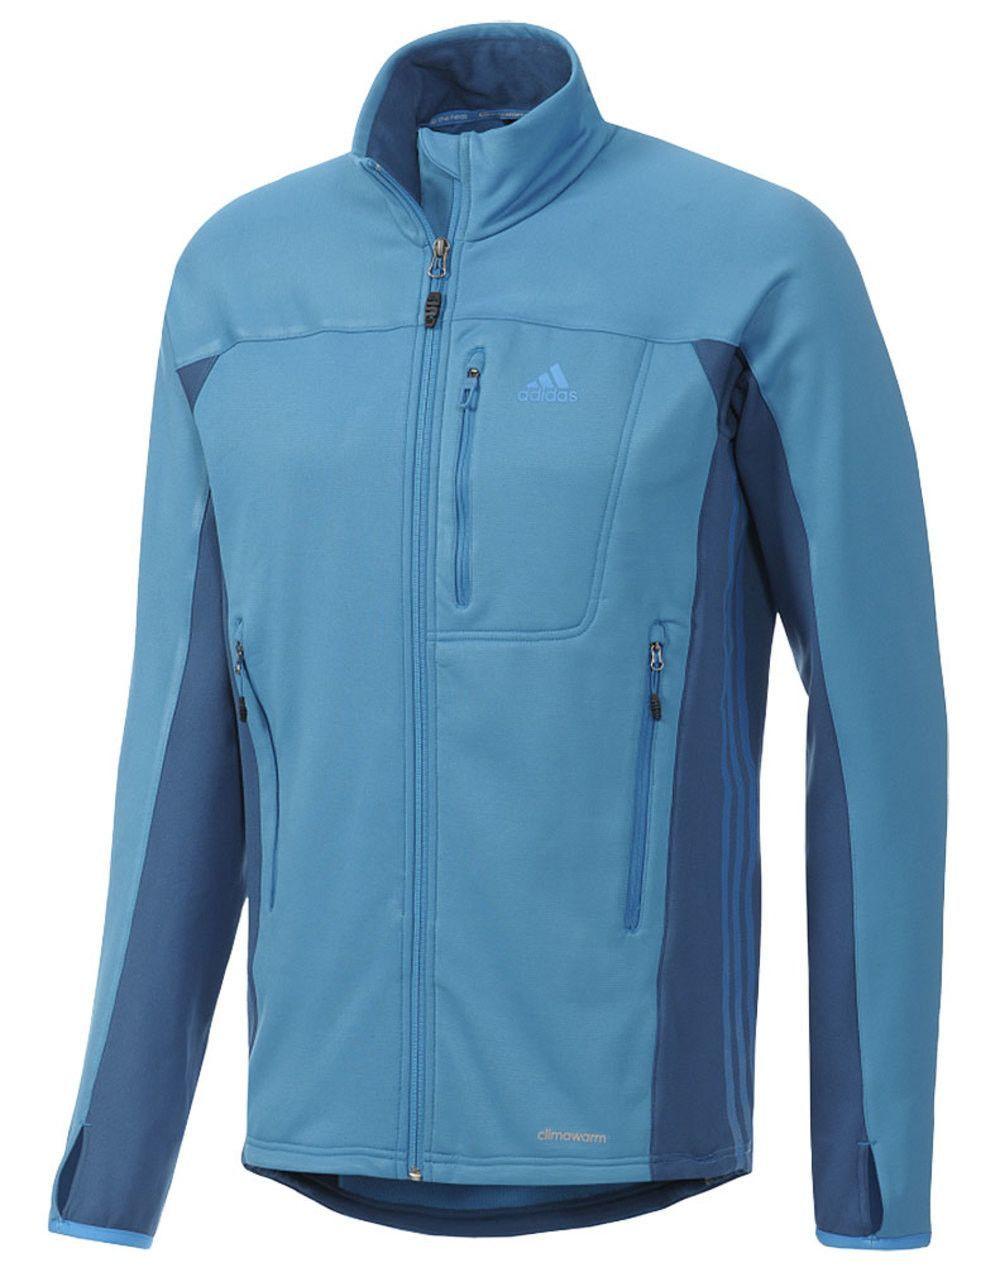 Terrex swift hollow fleece jacket by adidas sport performance mock